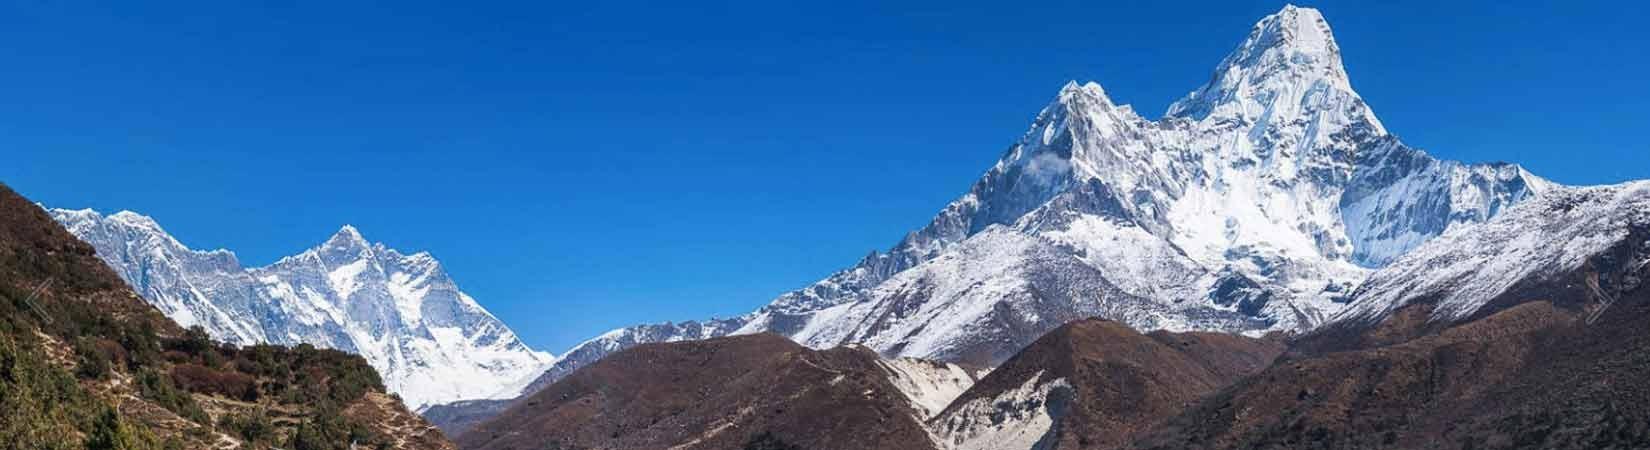 Luxury Ama Dablma Base Camp trekking